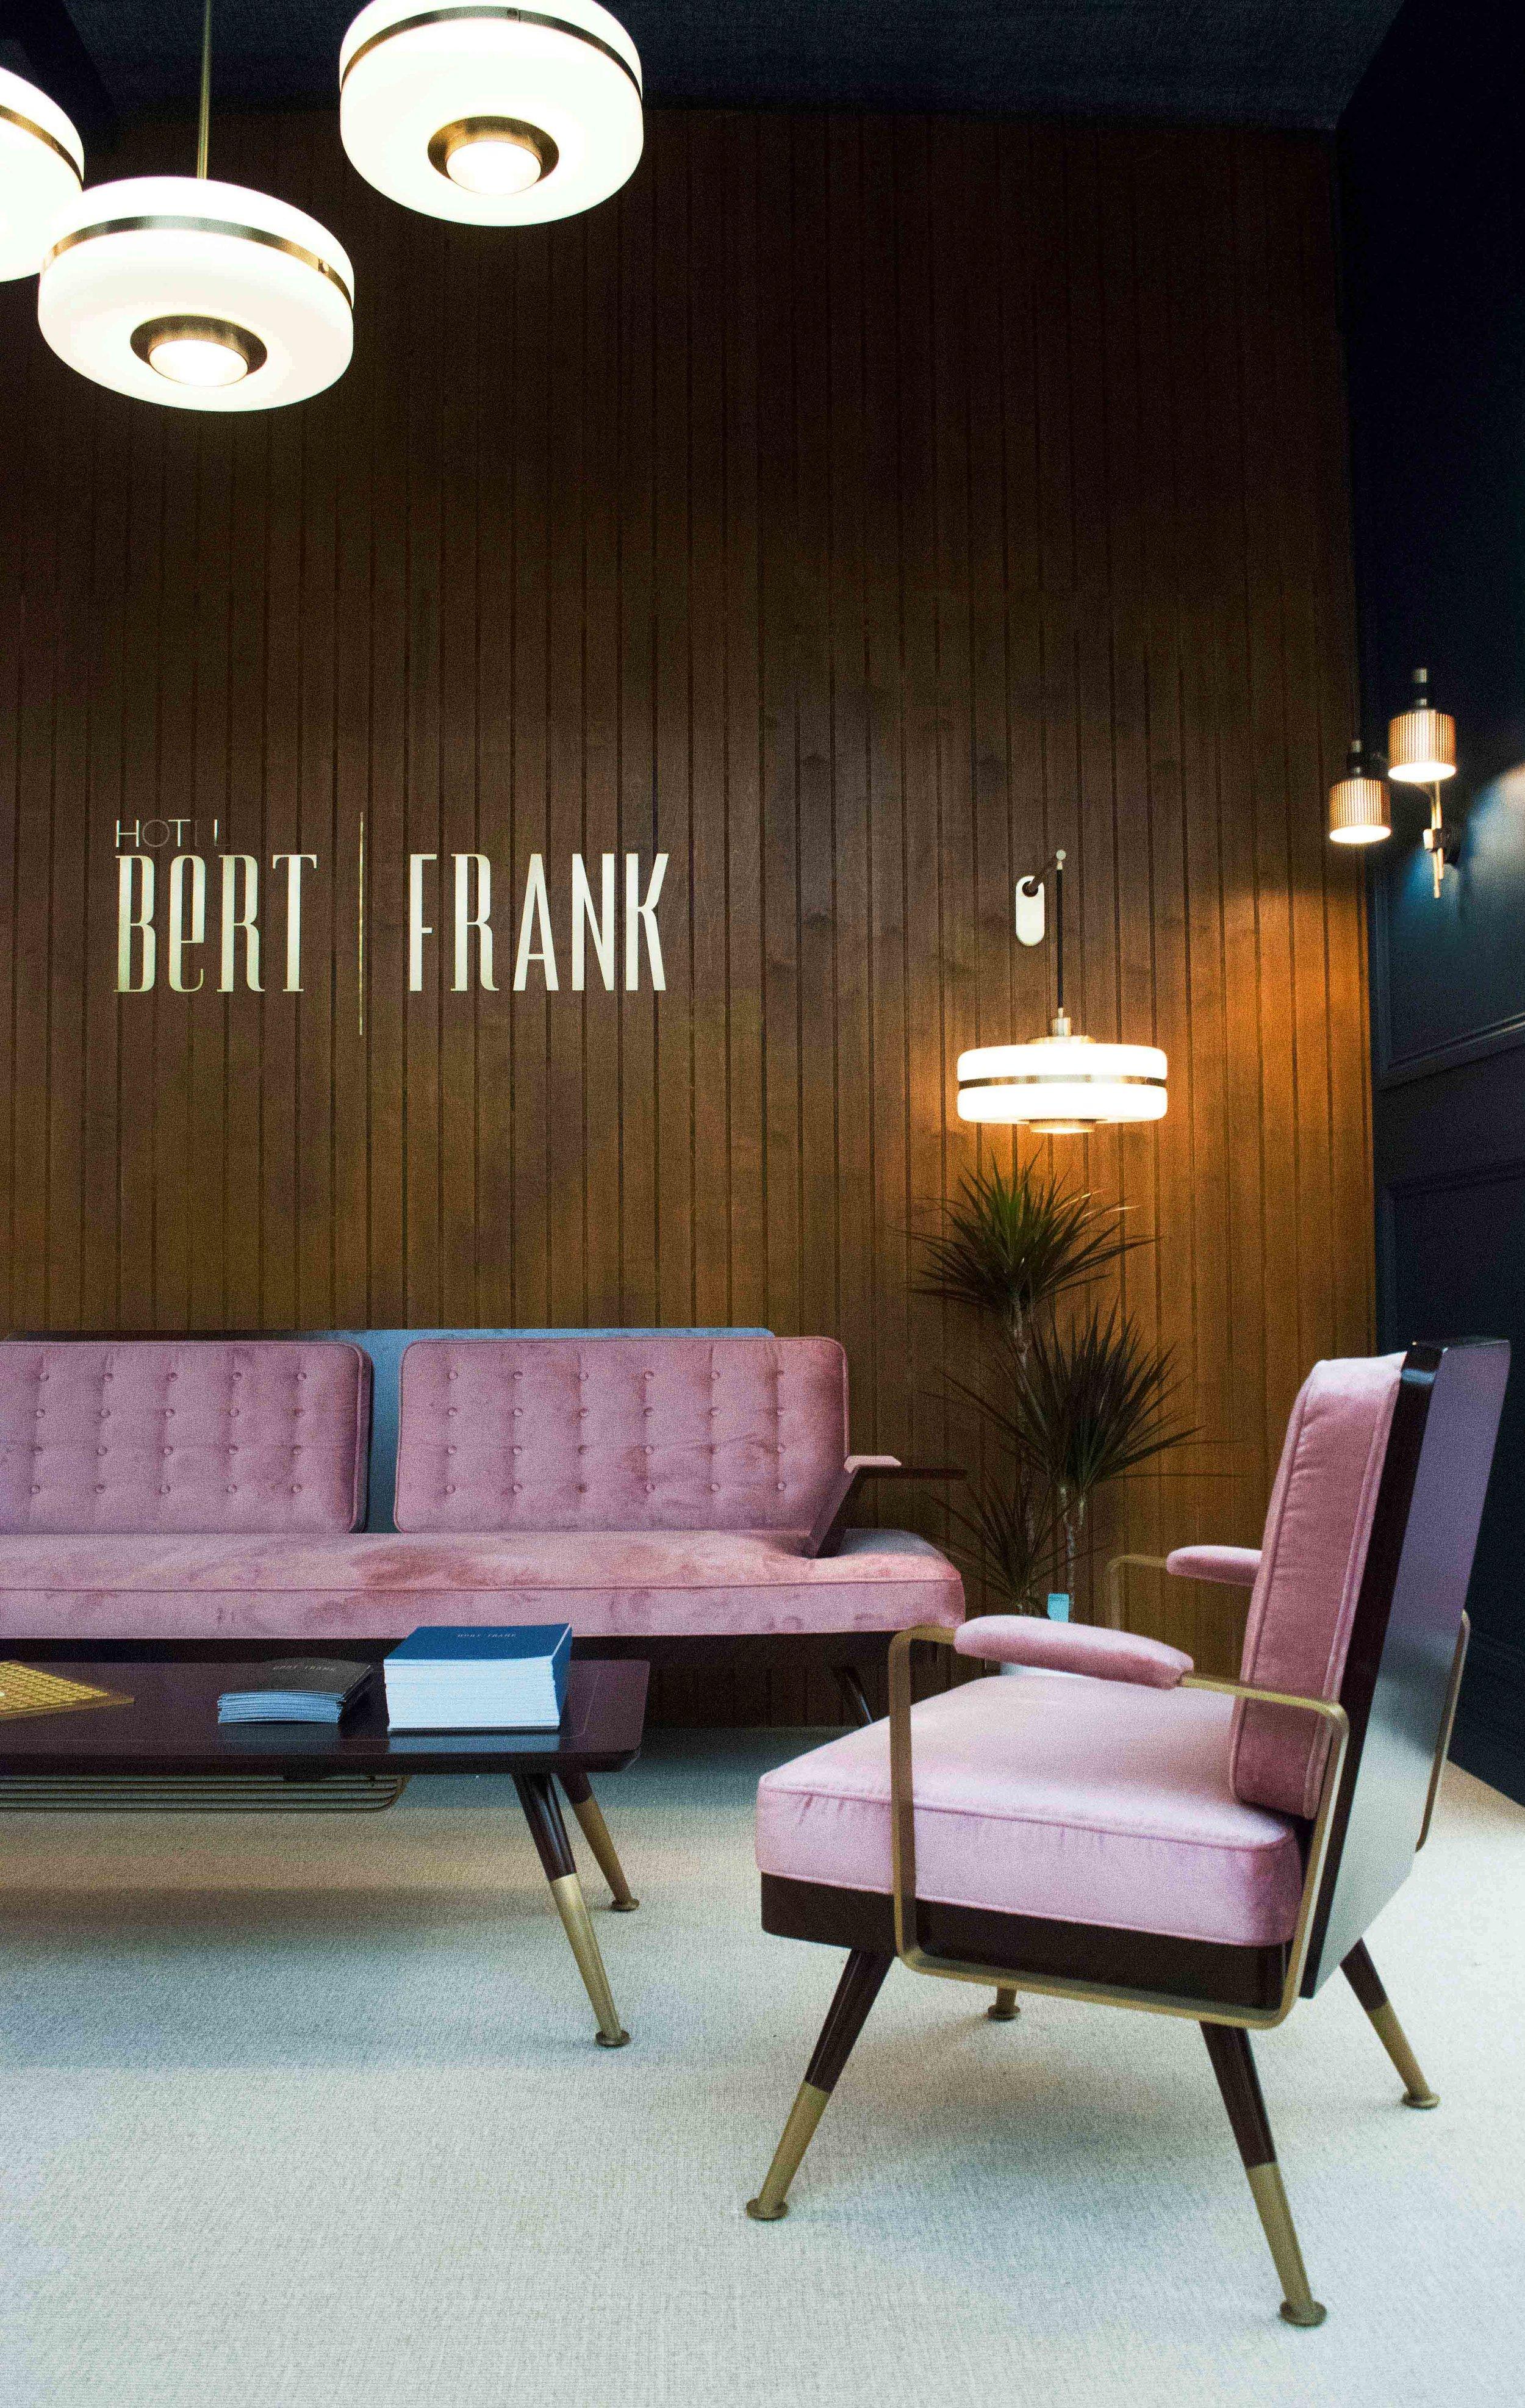 Bert Frank ©Detail Movement